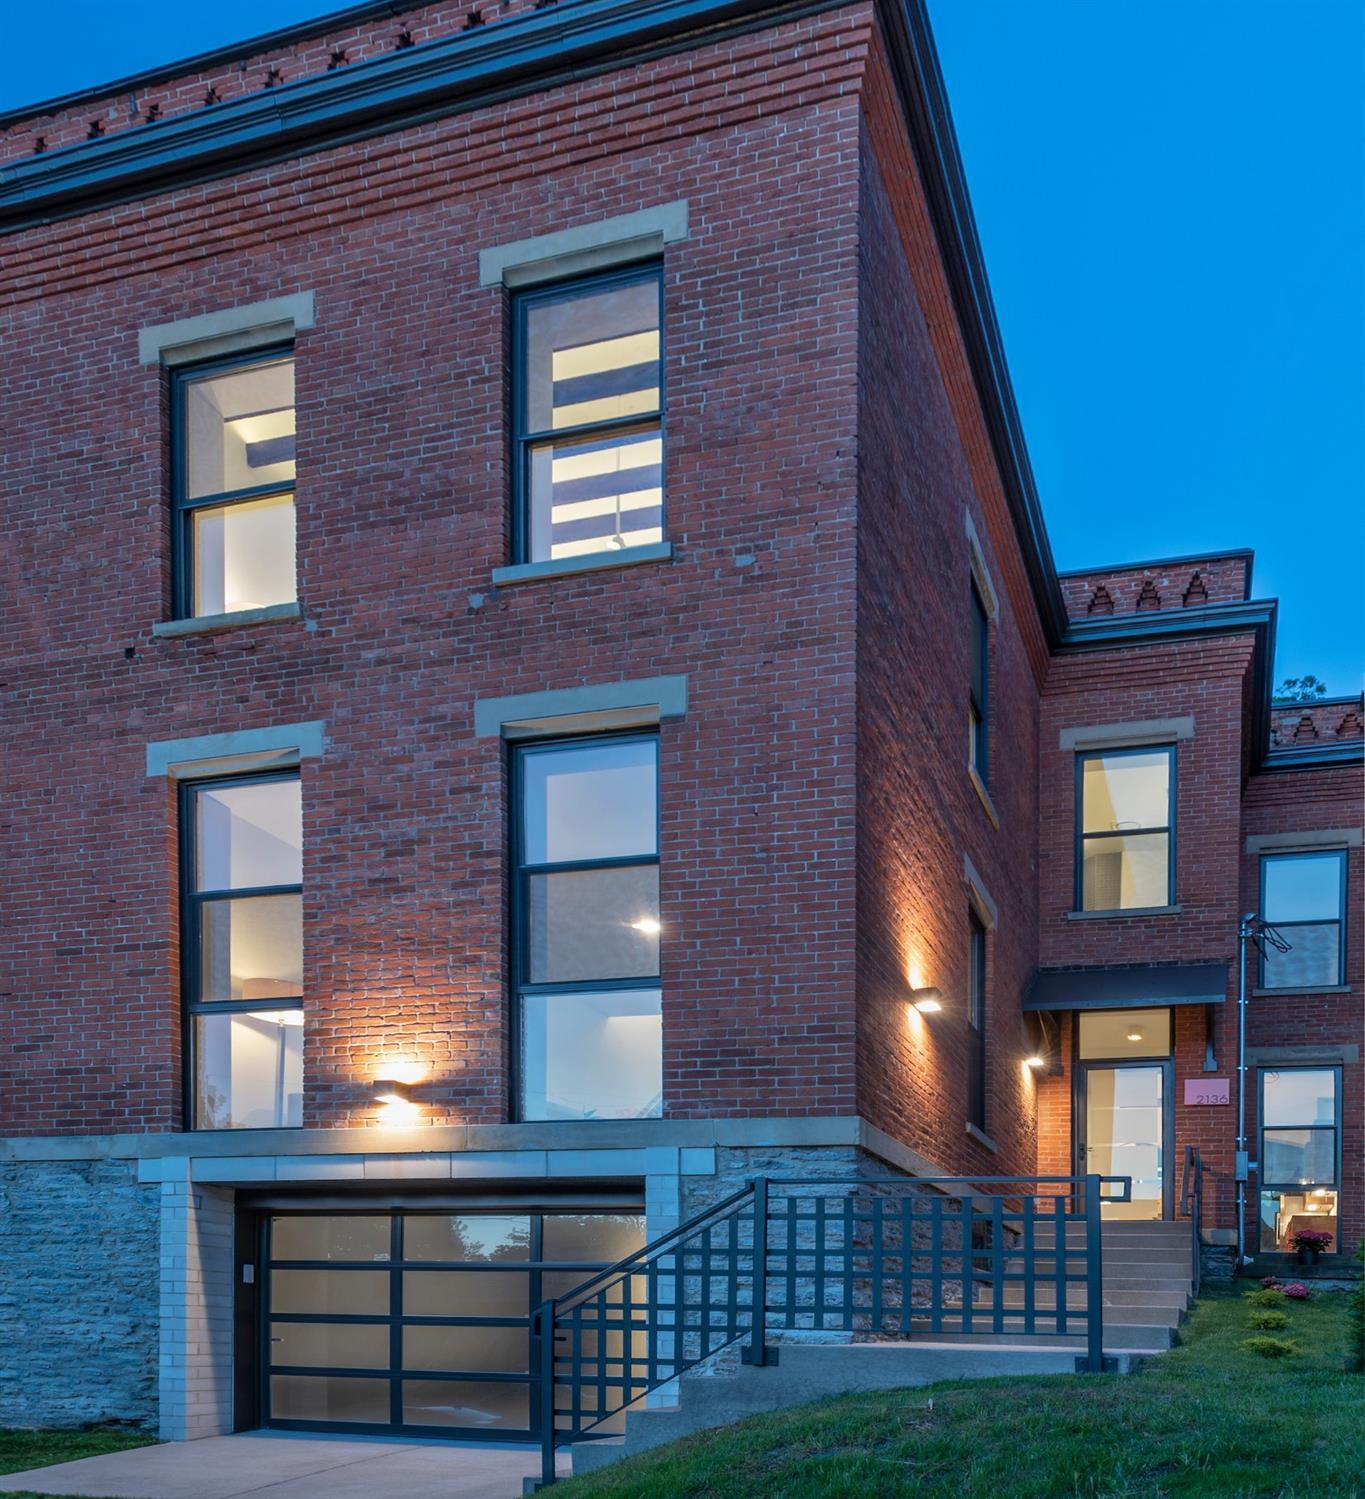 Property for sale at 2136 St. James Avenue, Cincinnati,  Ohio 45206